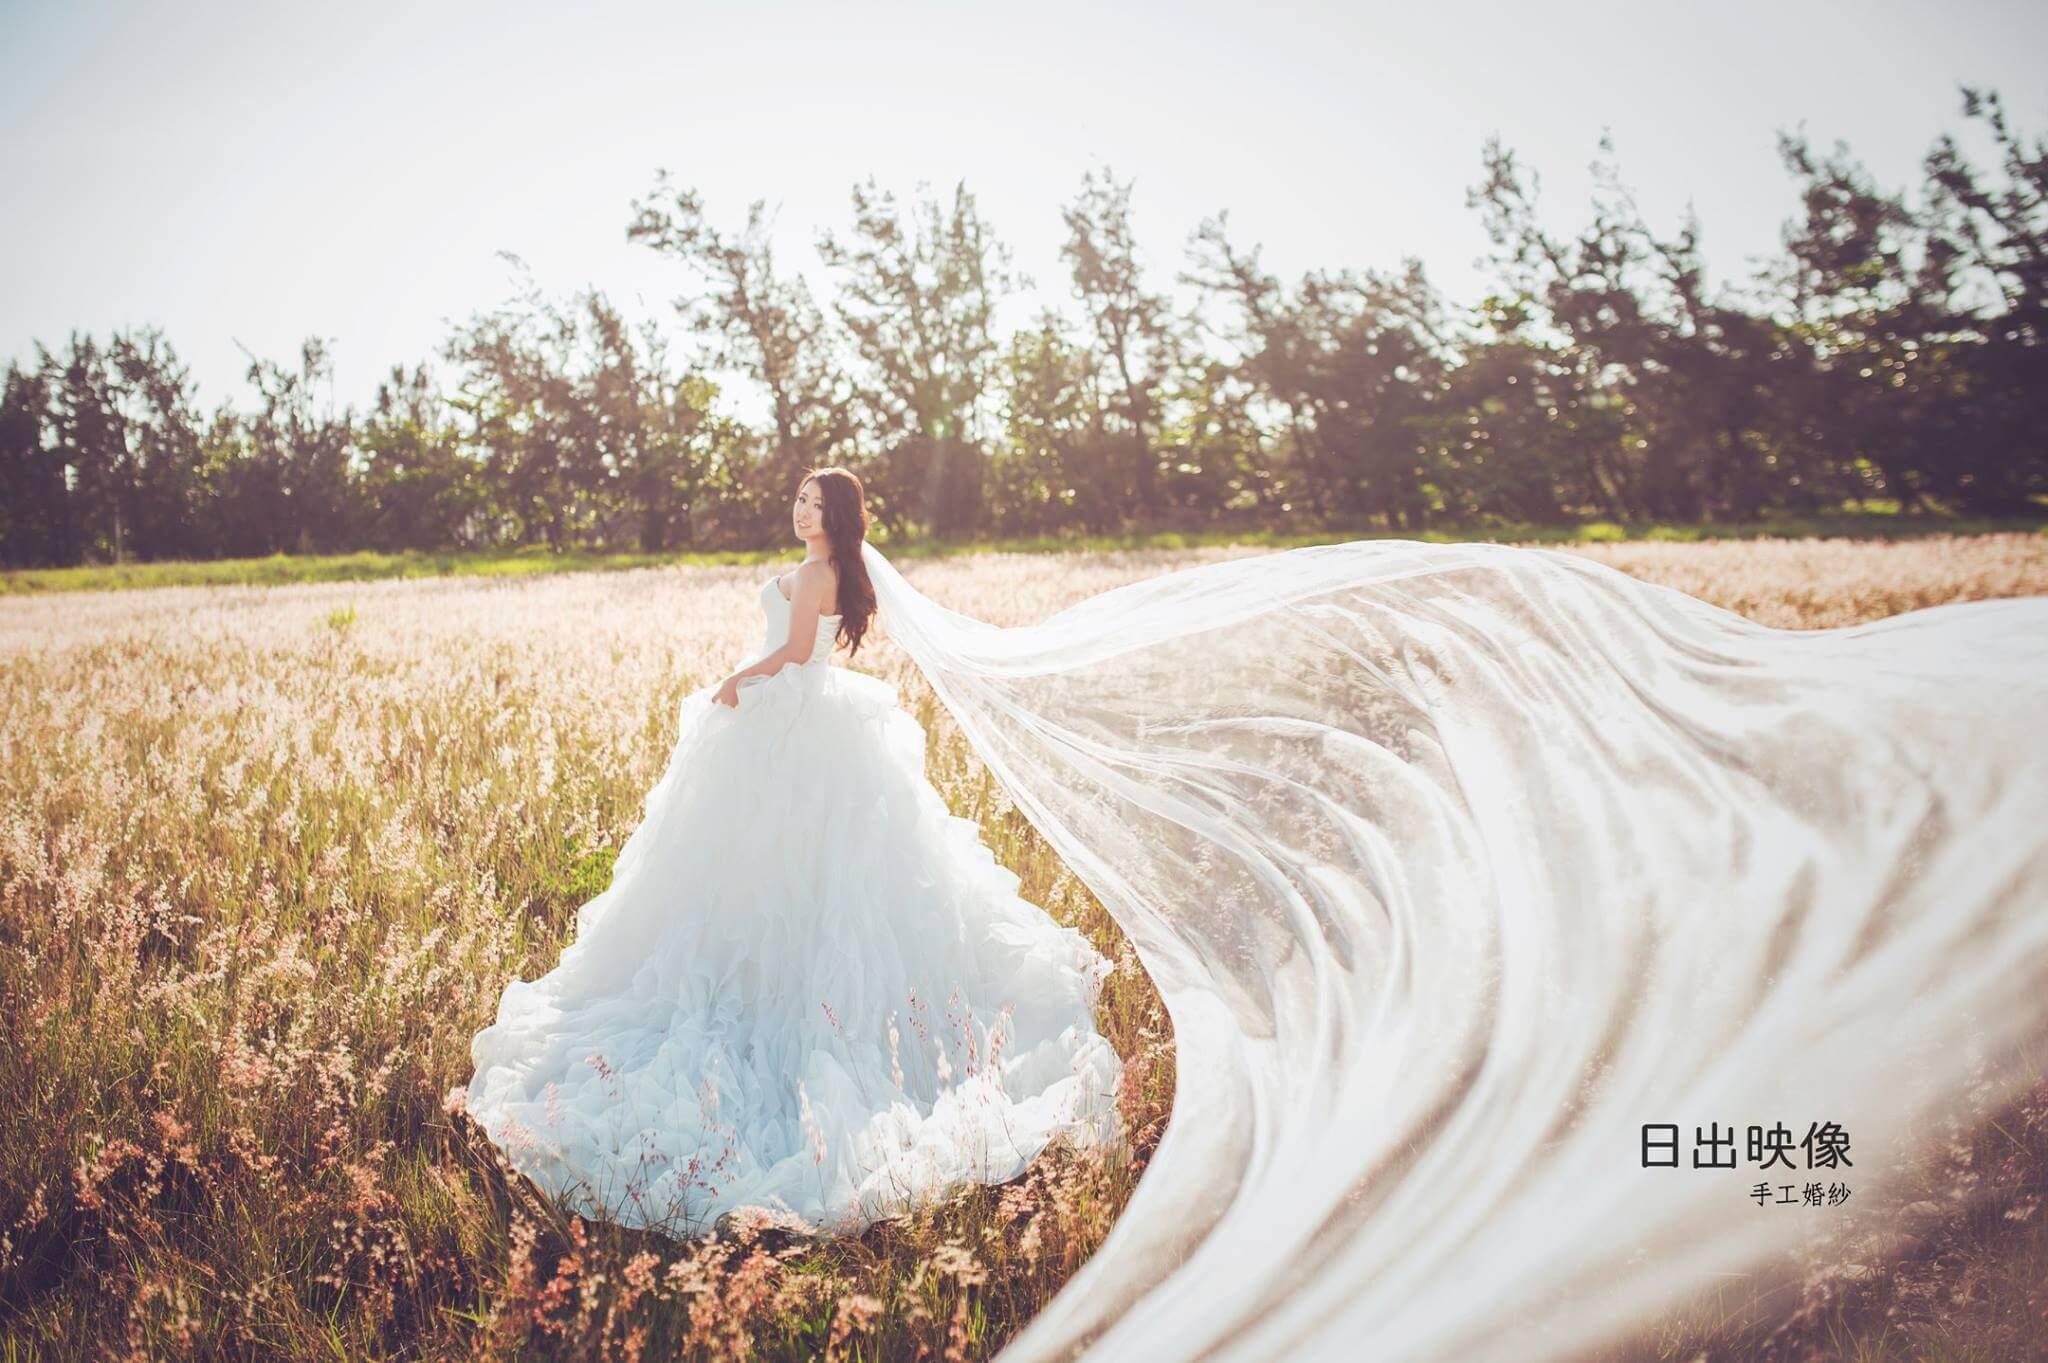 傳統婚紗優點-日出映像台中婚紗店